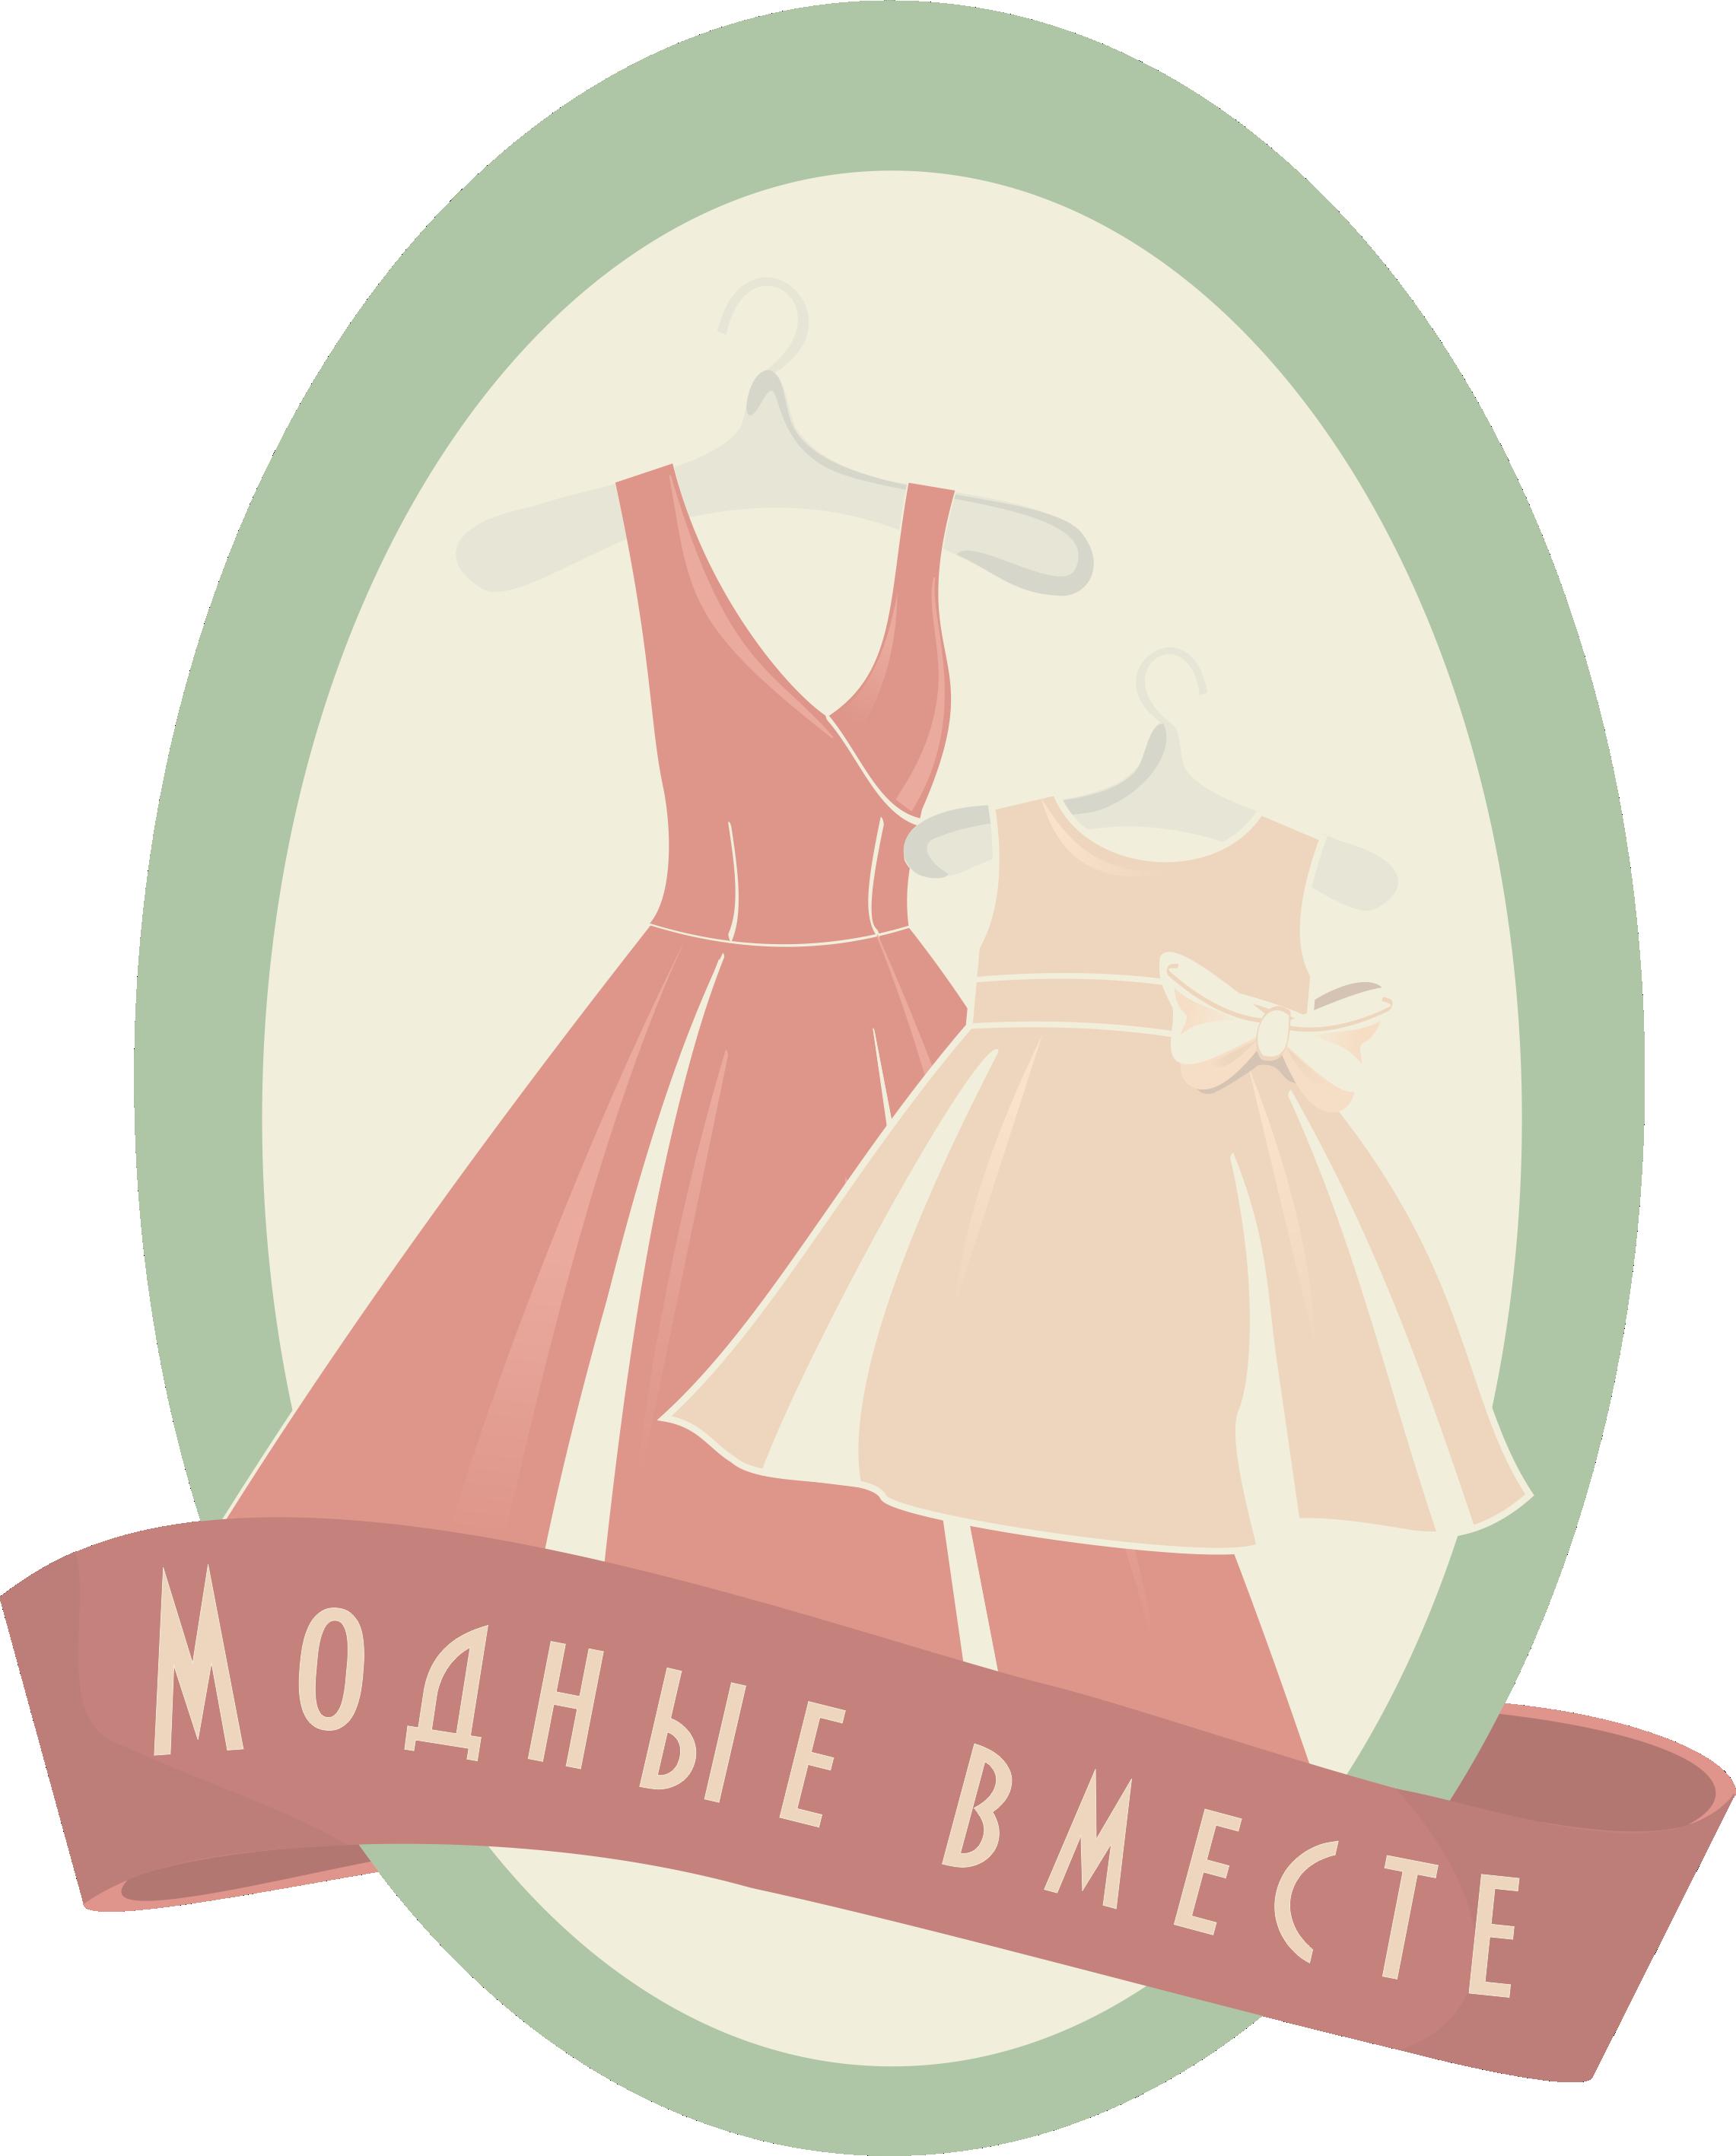 модные вместе